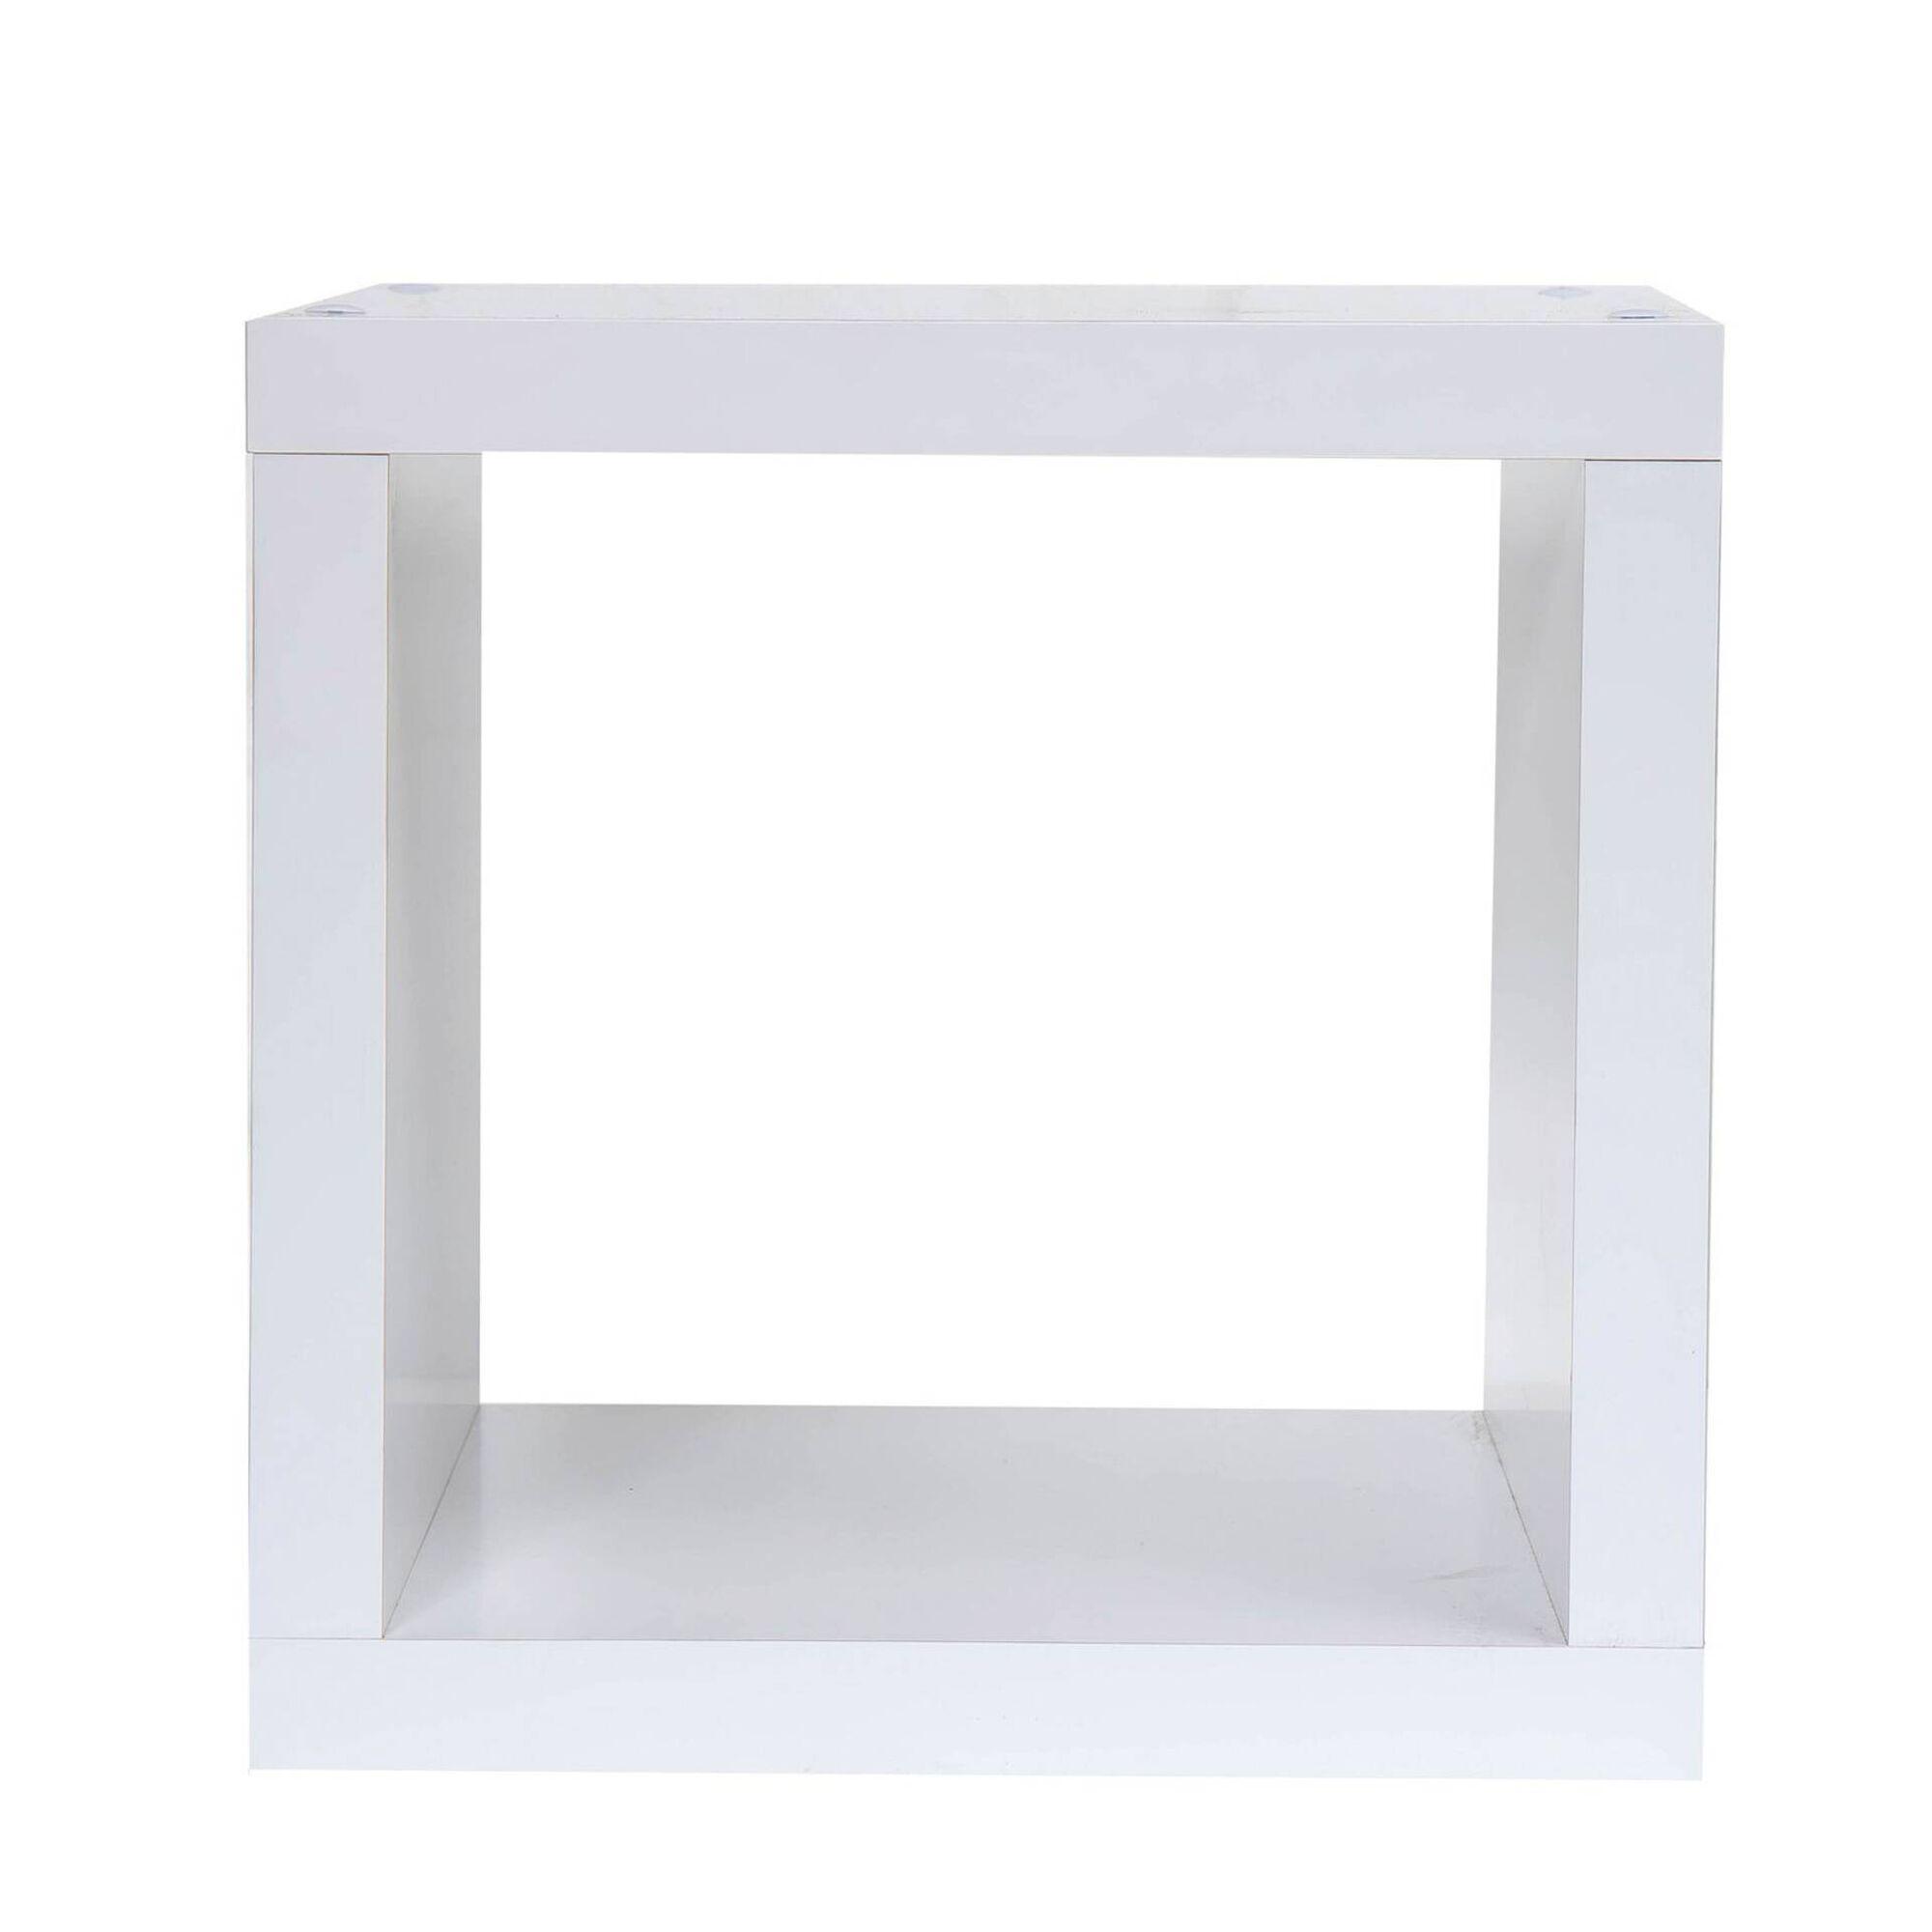 Estante 1x1 Cubo 41x39x41cm